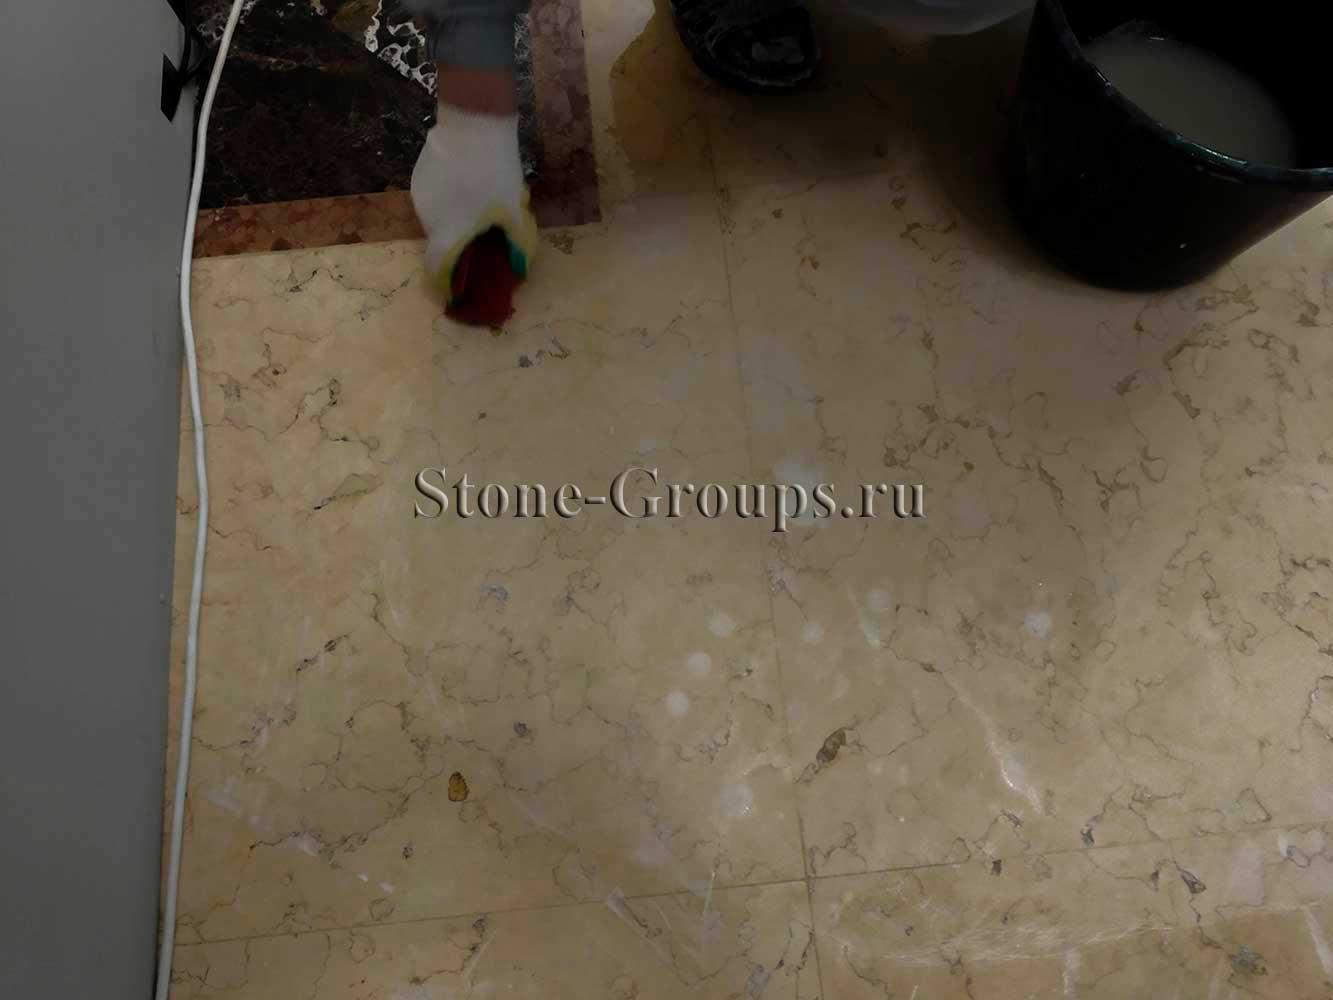 Как отремонтировать сколы на мраморе